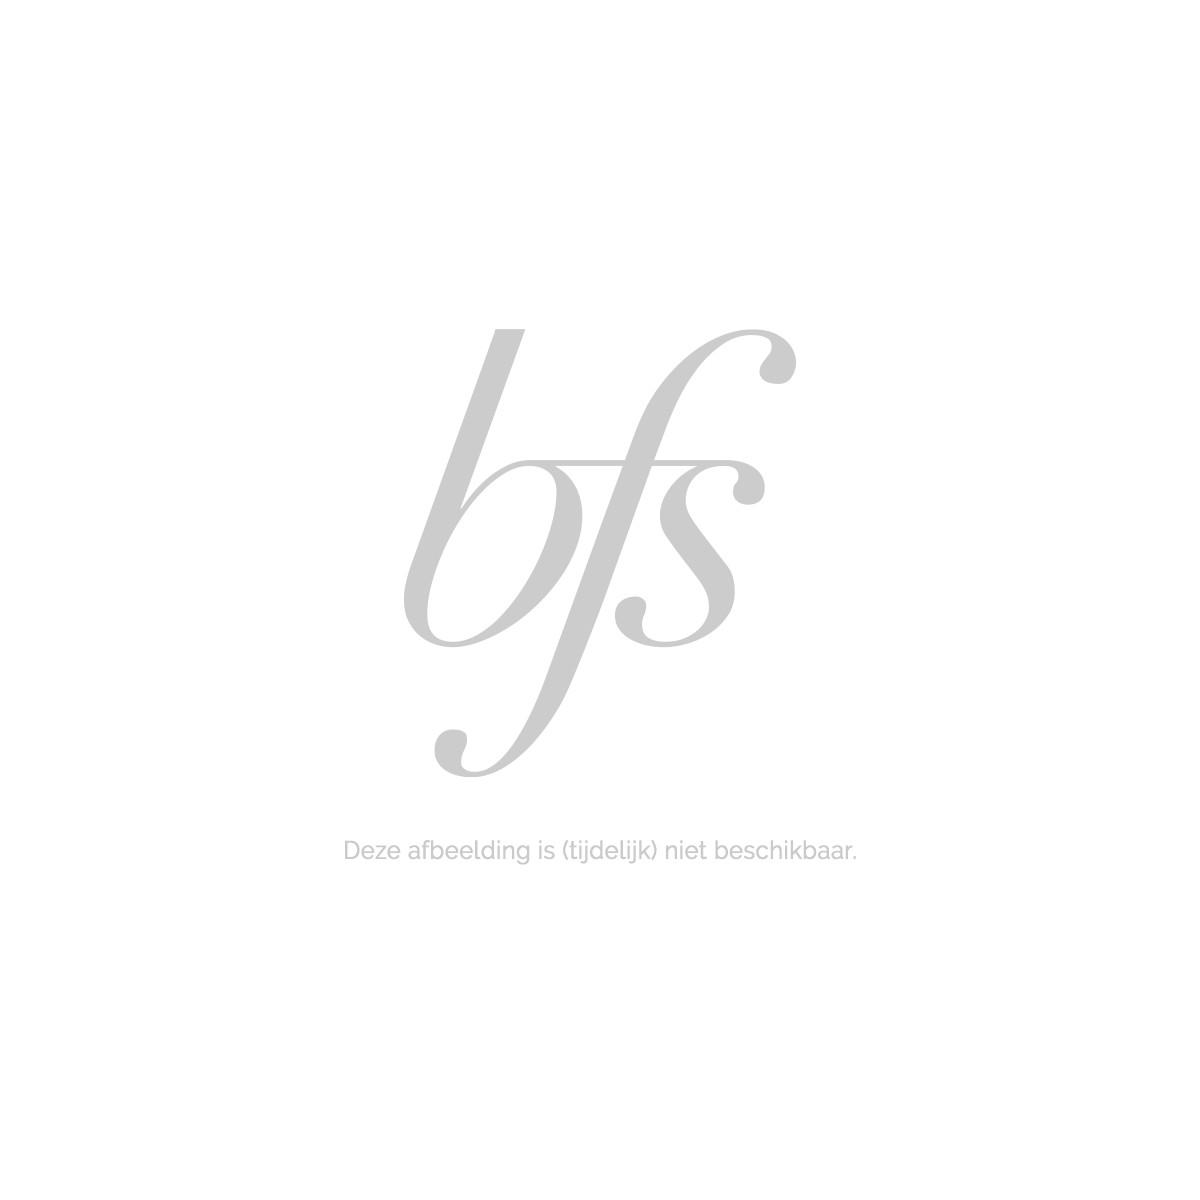 Balm Balm Perfume Rose Geranium 33Ml